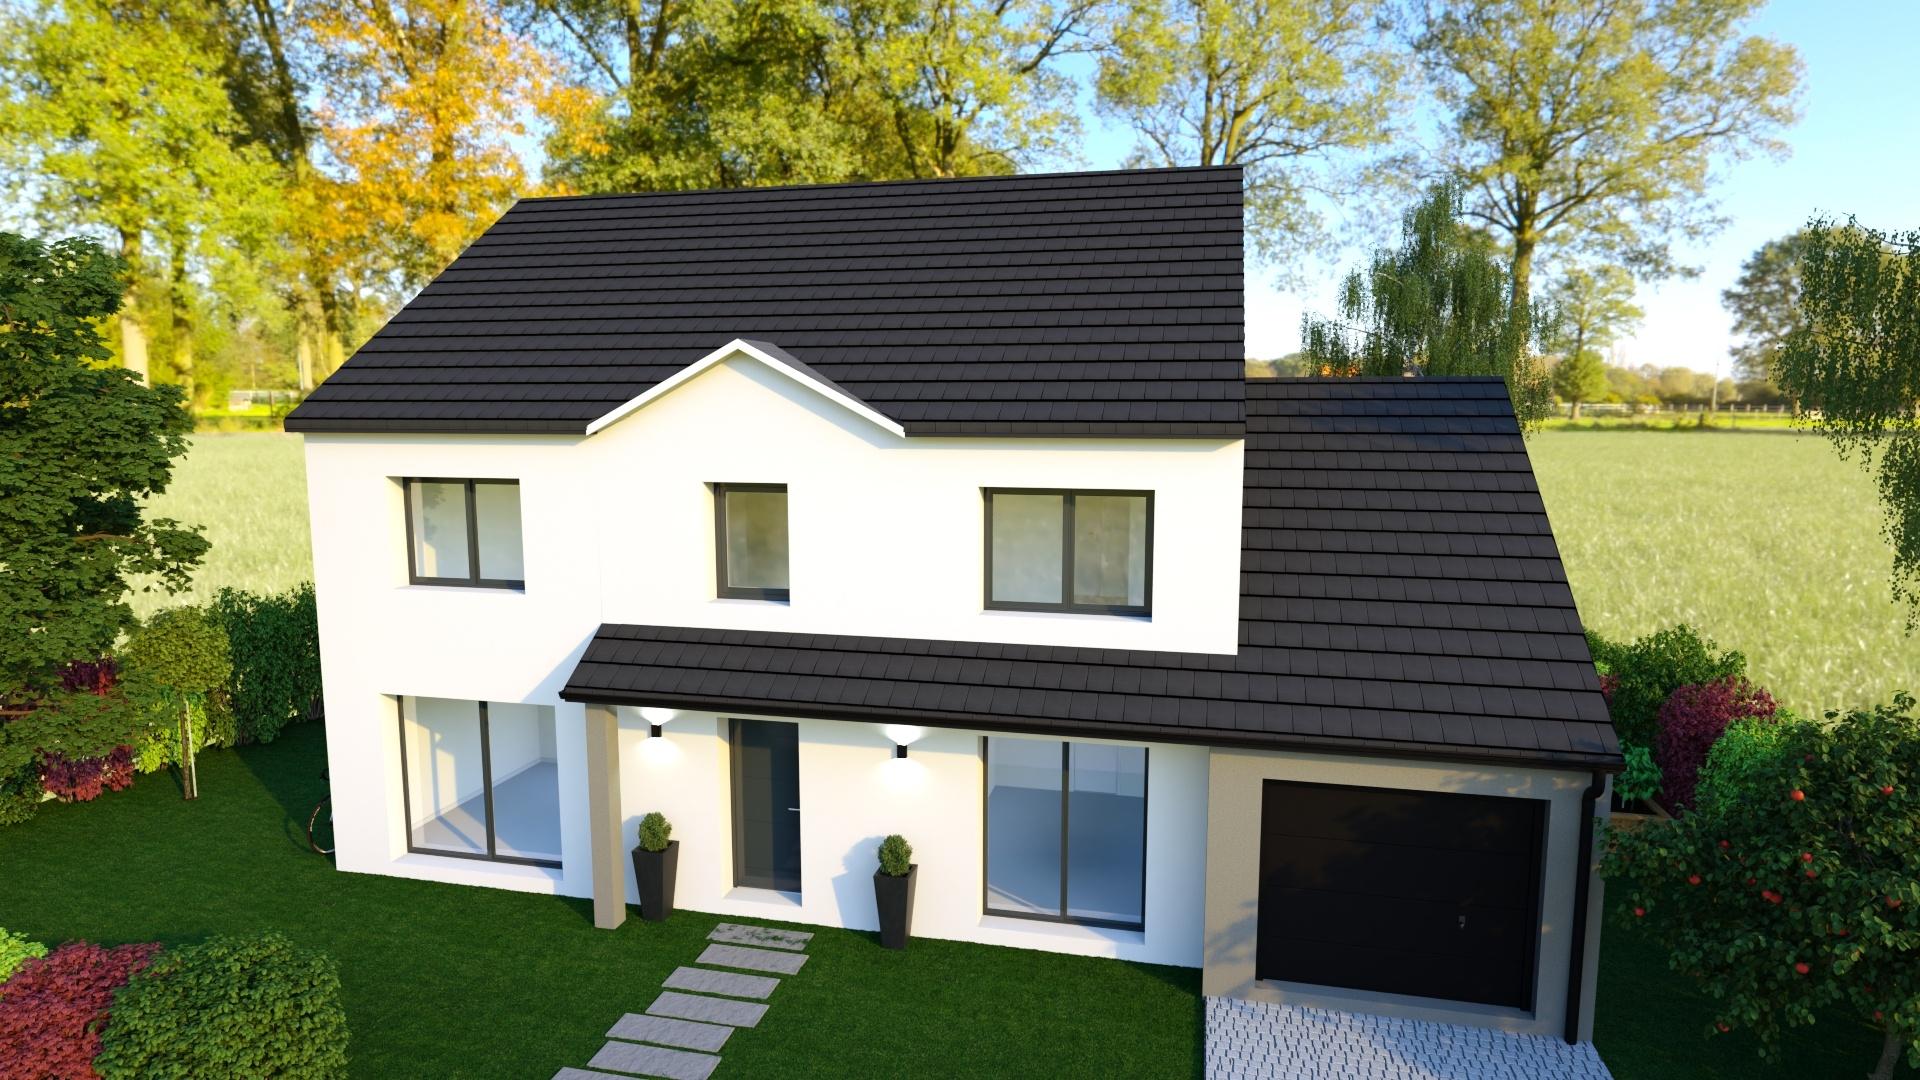 Maisons + Terrains du constructeur MAISON FAMILIALE • 130 m² • REBAIS